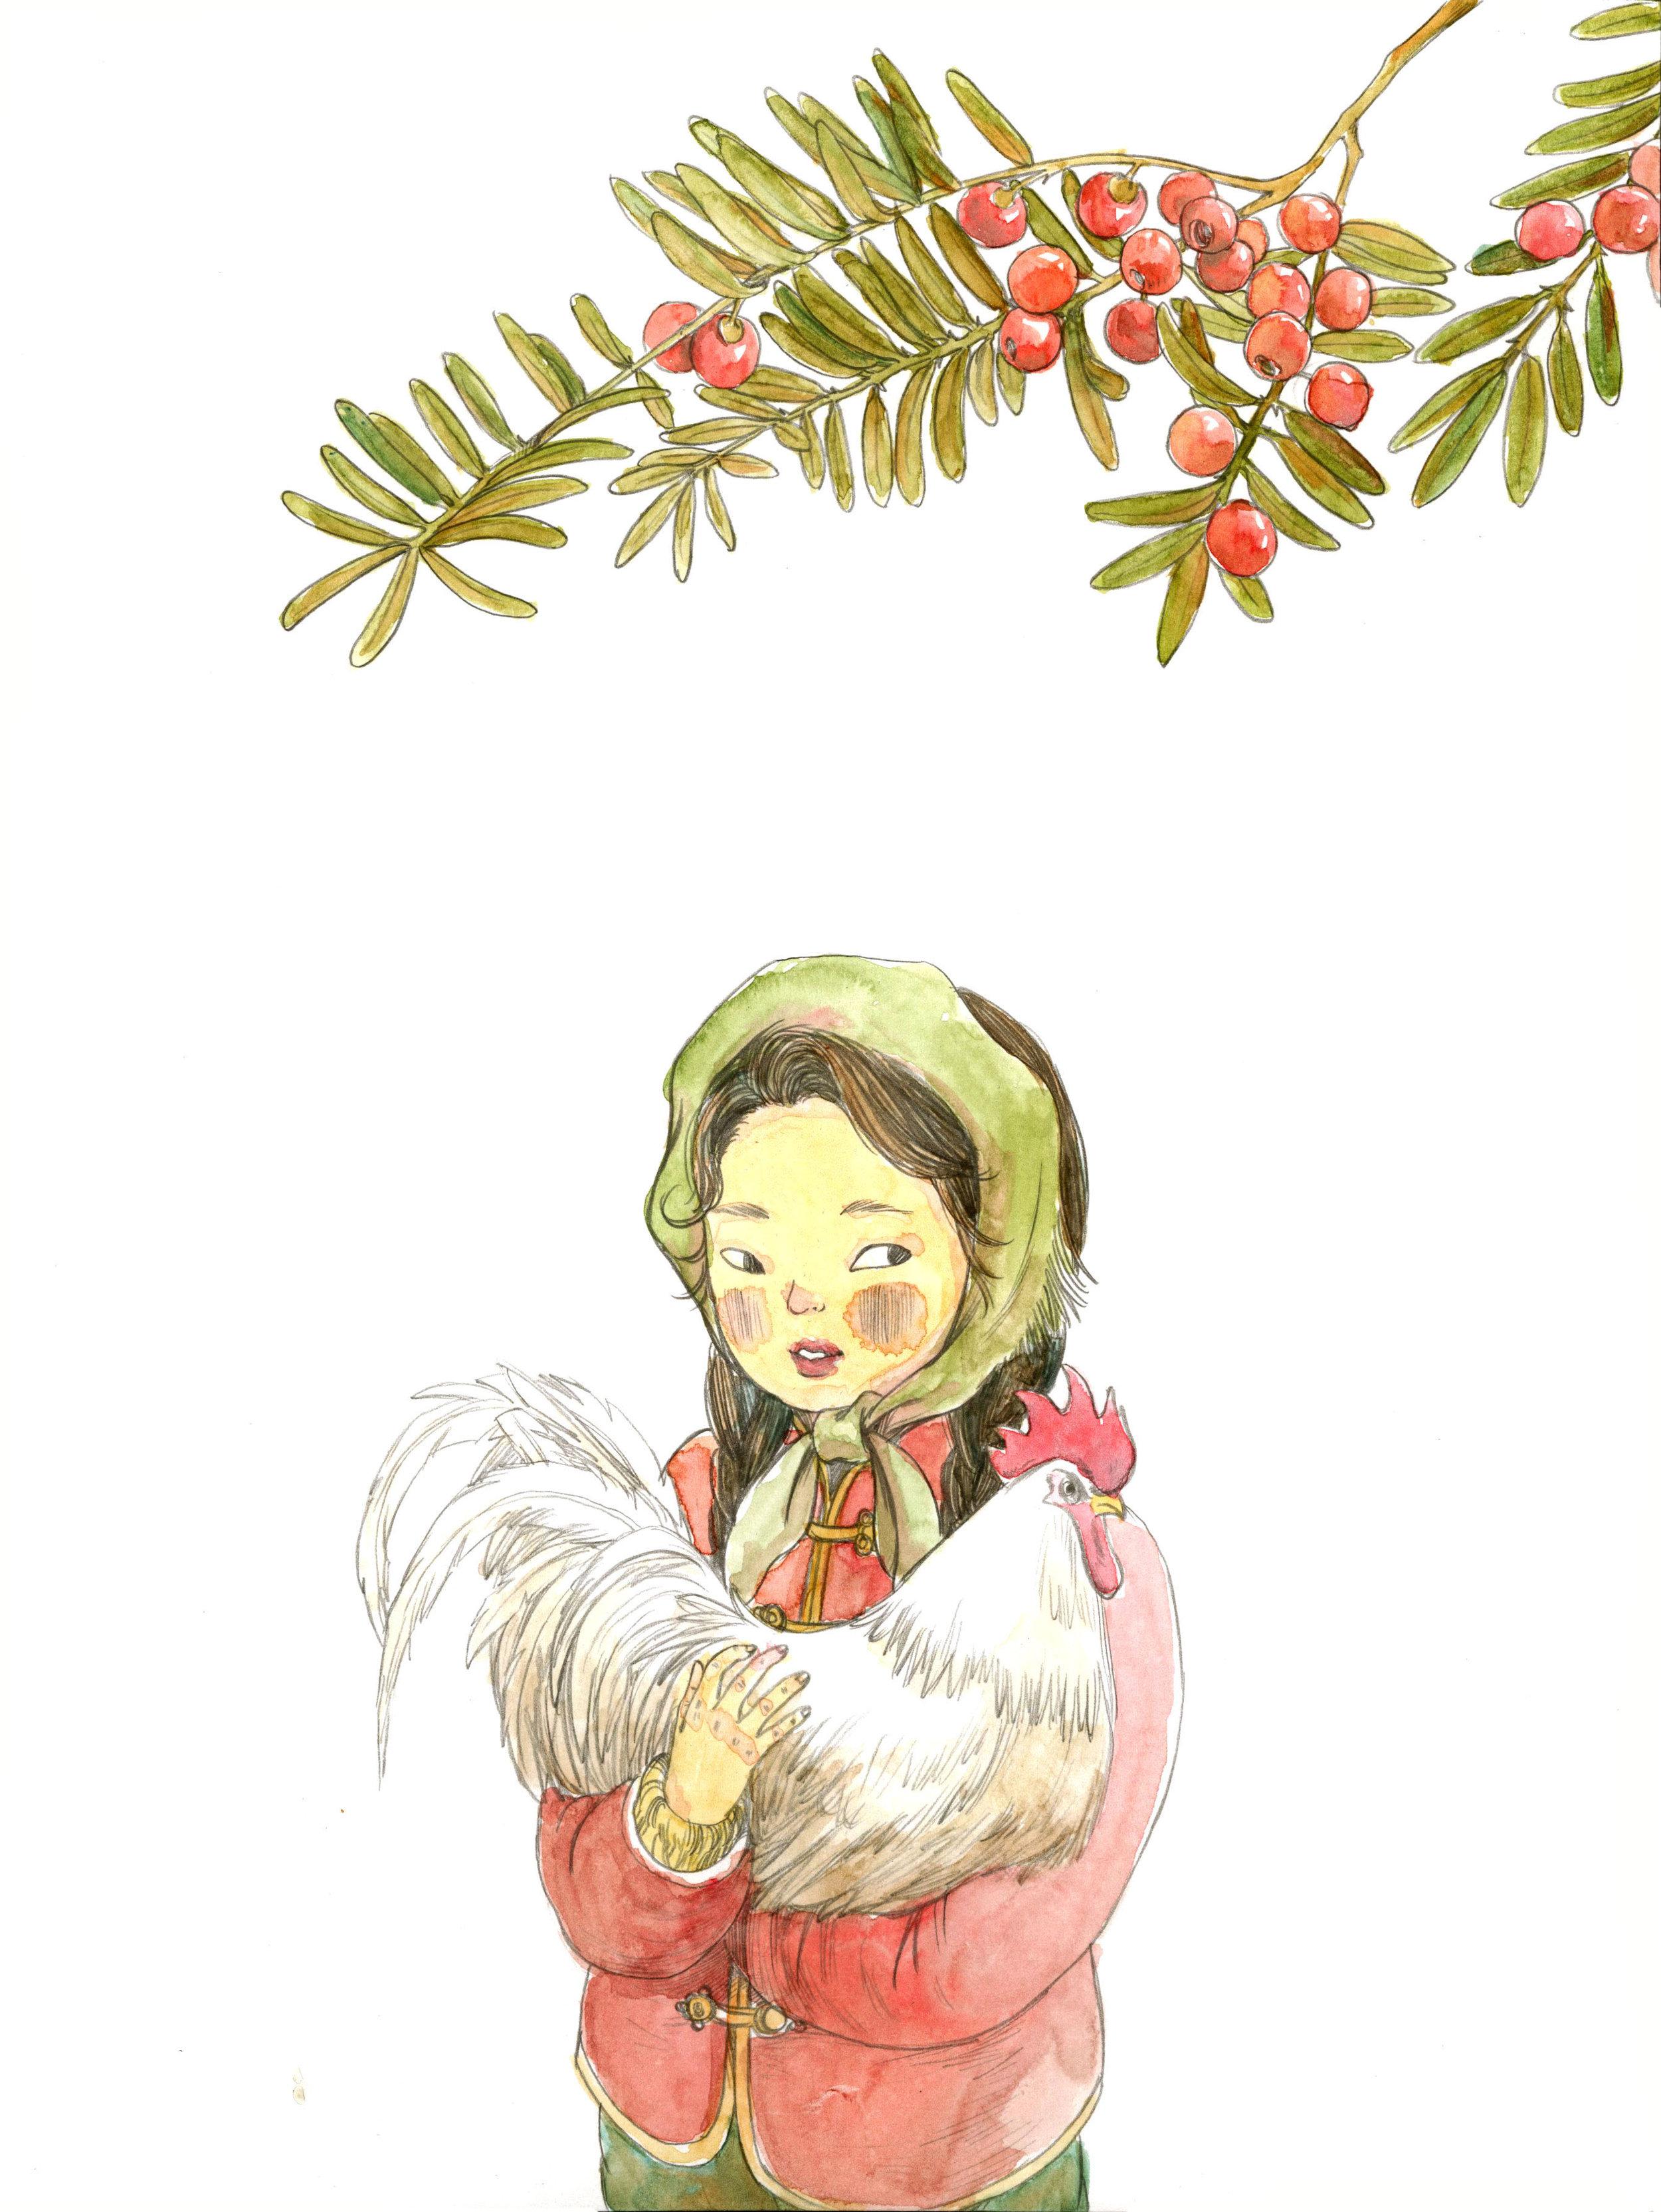 21.红豆杉.jpg